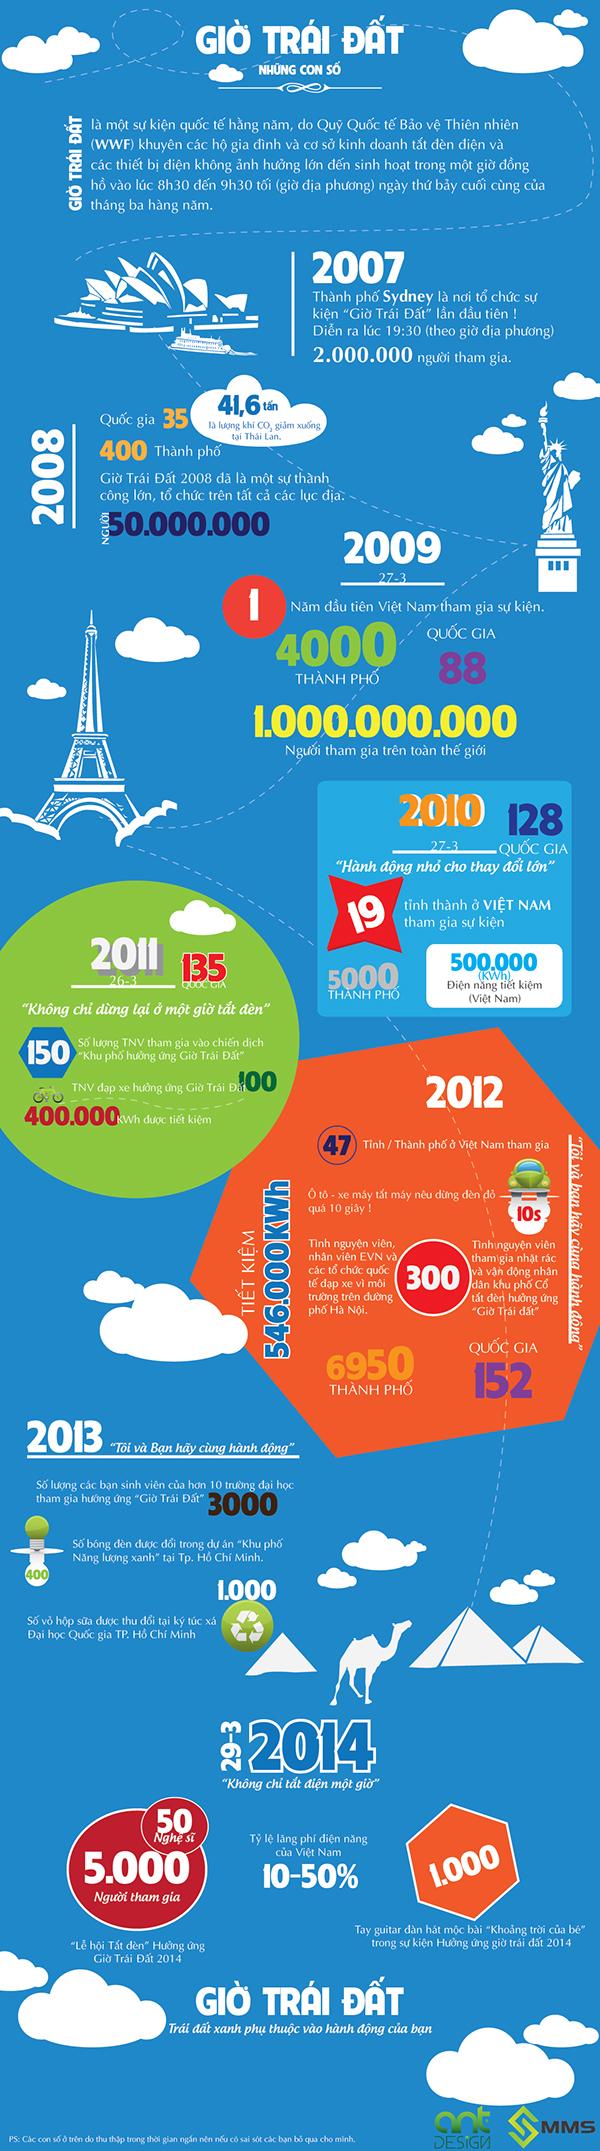 infographic002